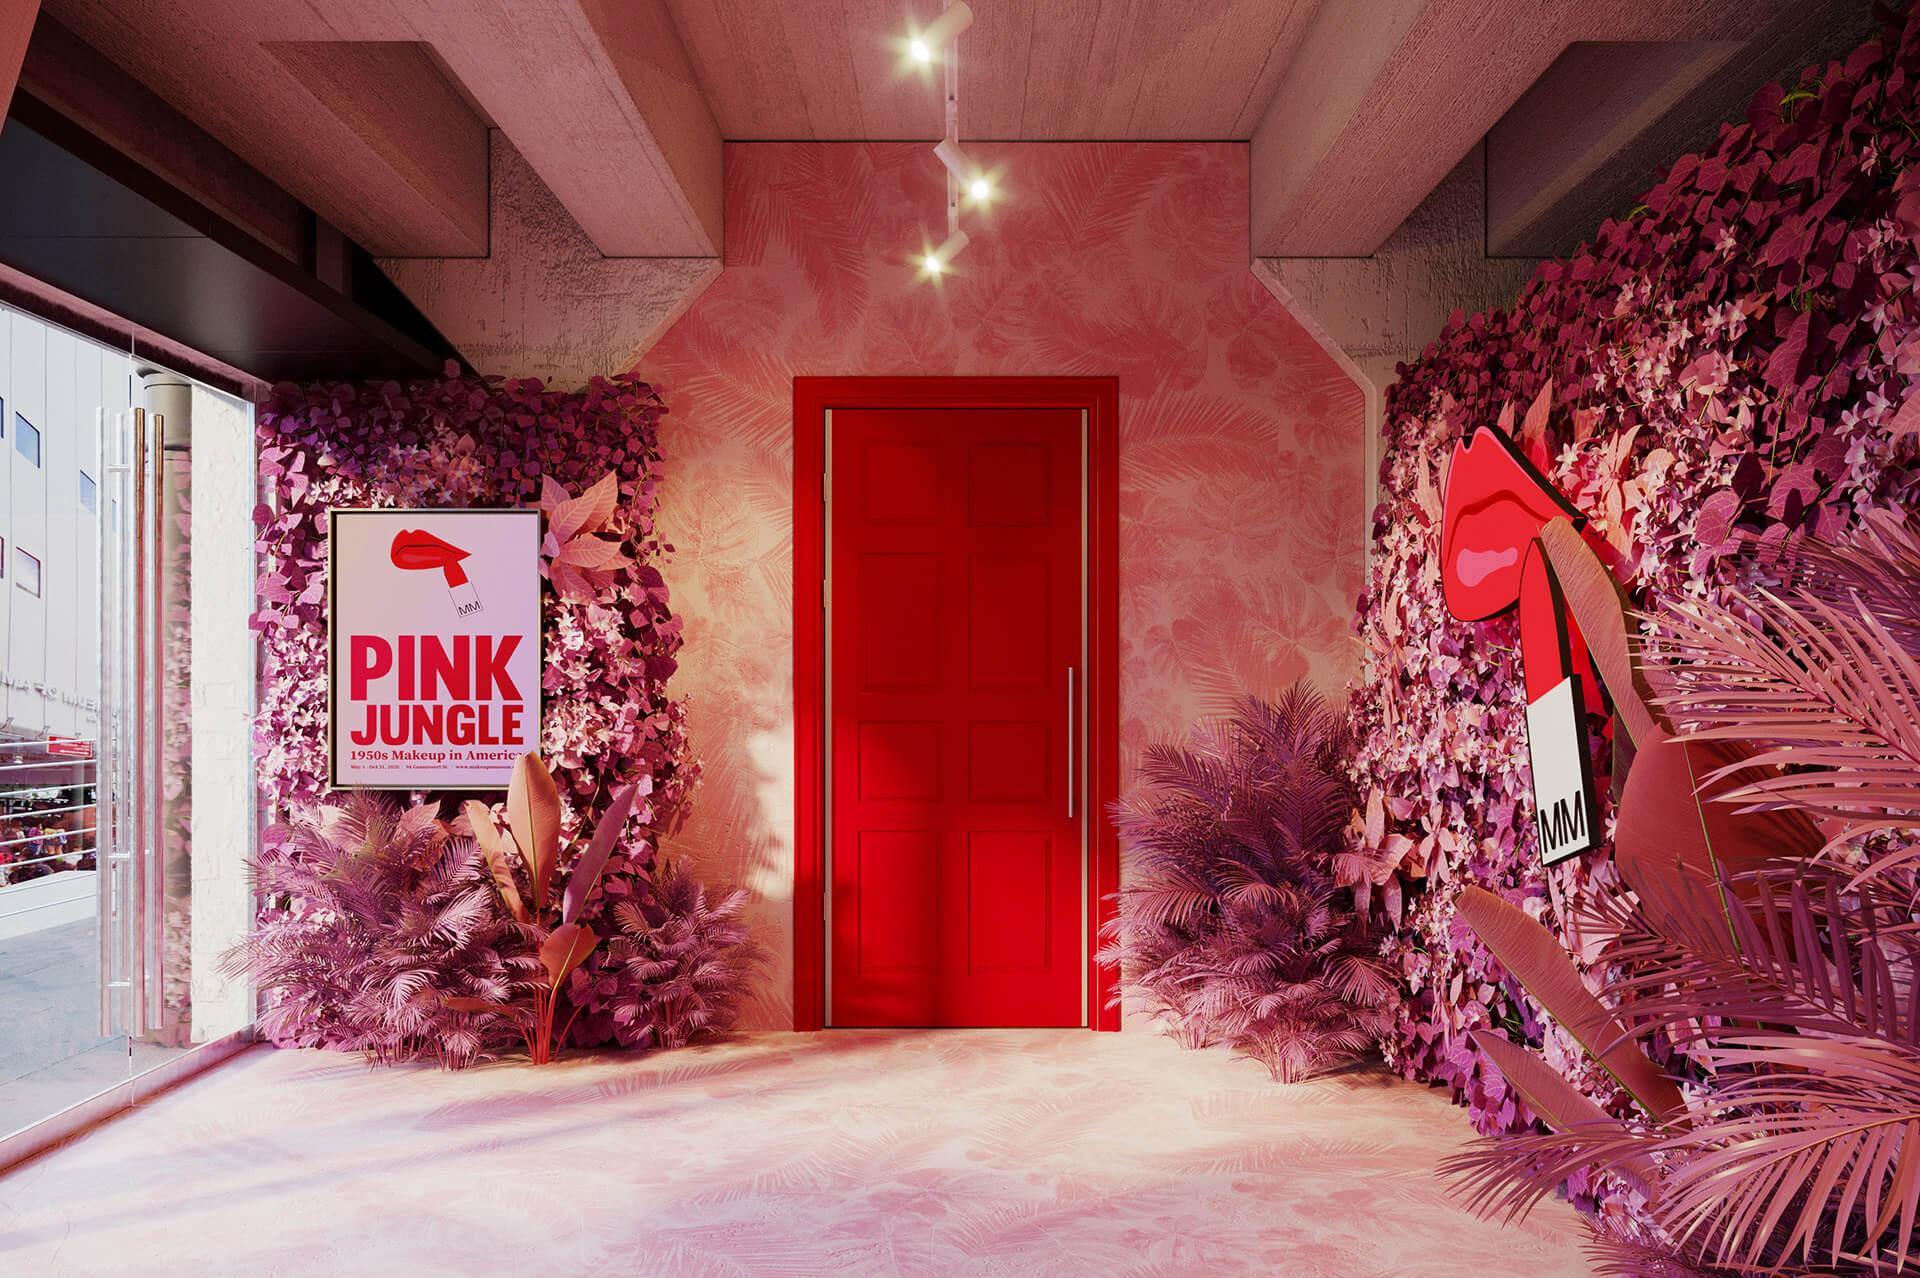 博物館原定於本月的首個展覽為《Pink Jungle: 1950s Makeup in America》